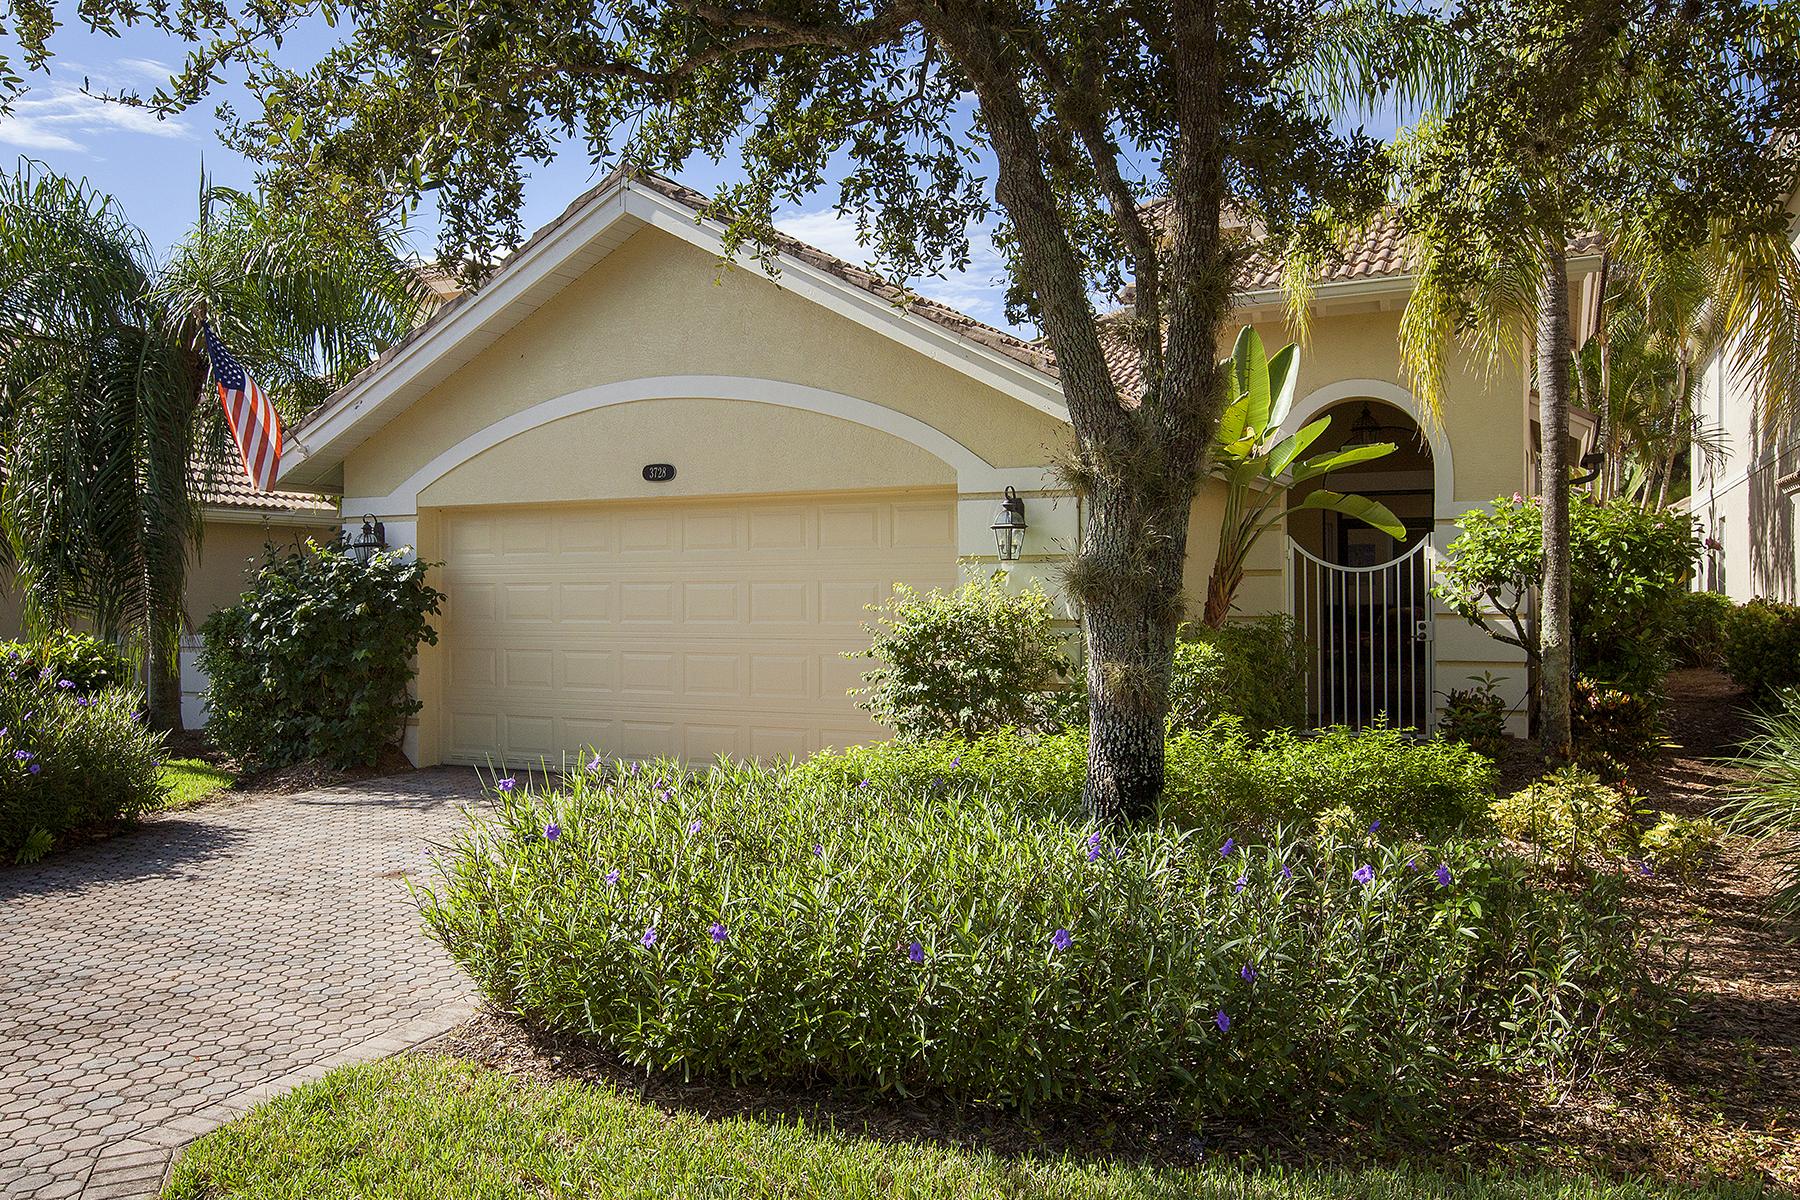 Einfamilienhaus für Verkauf beim FIDDLER'S CREEK - COTTON GREEN 3728 Cotton Green Path Dr Naples, Florida 34114 Vereinigte Staaten